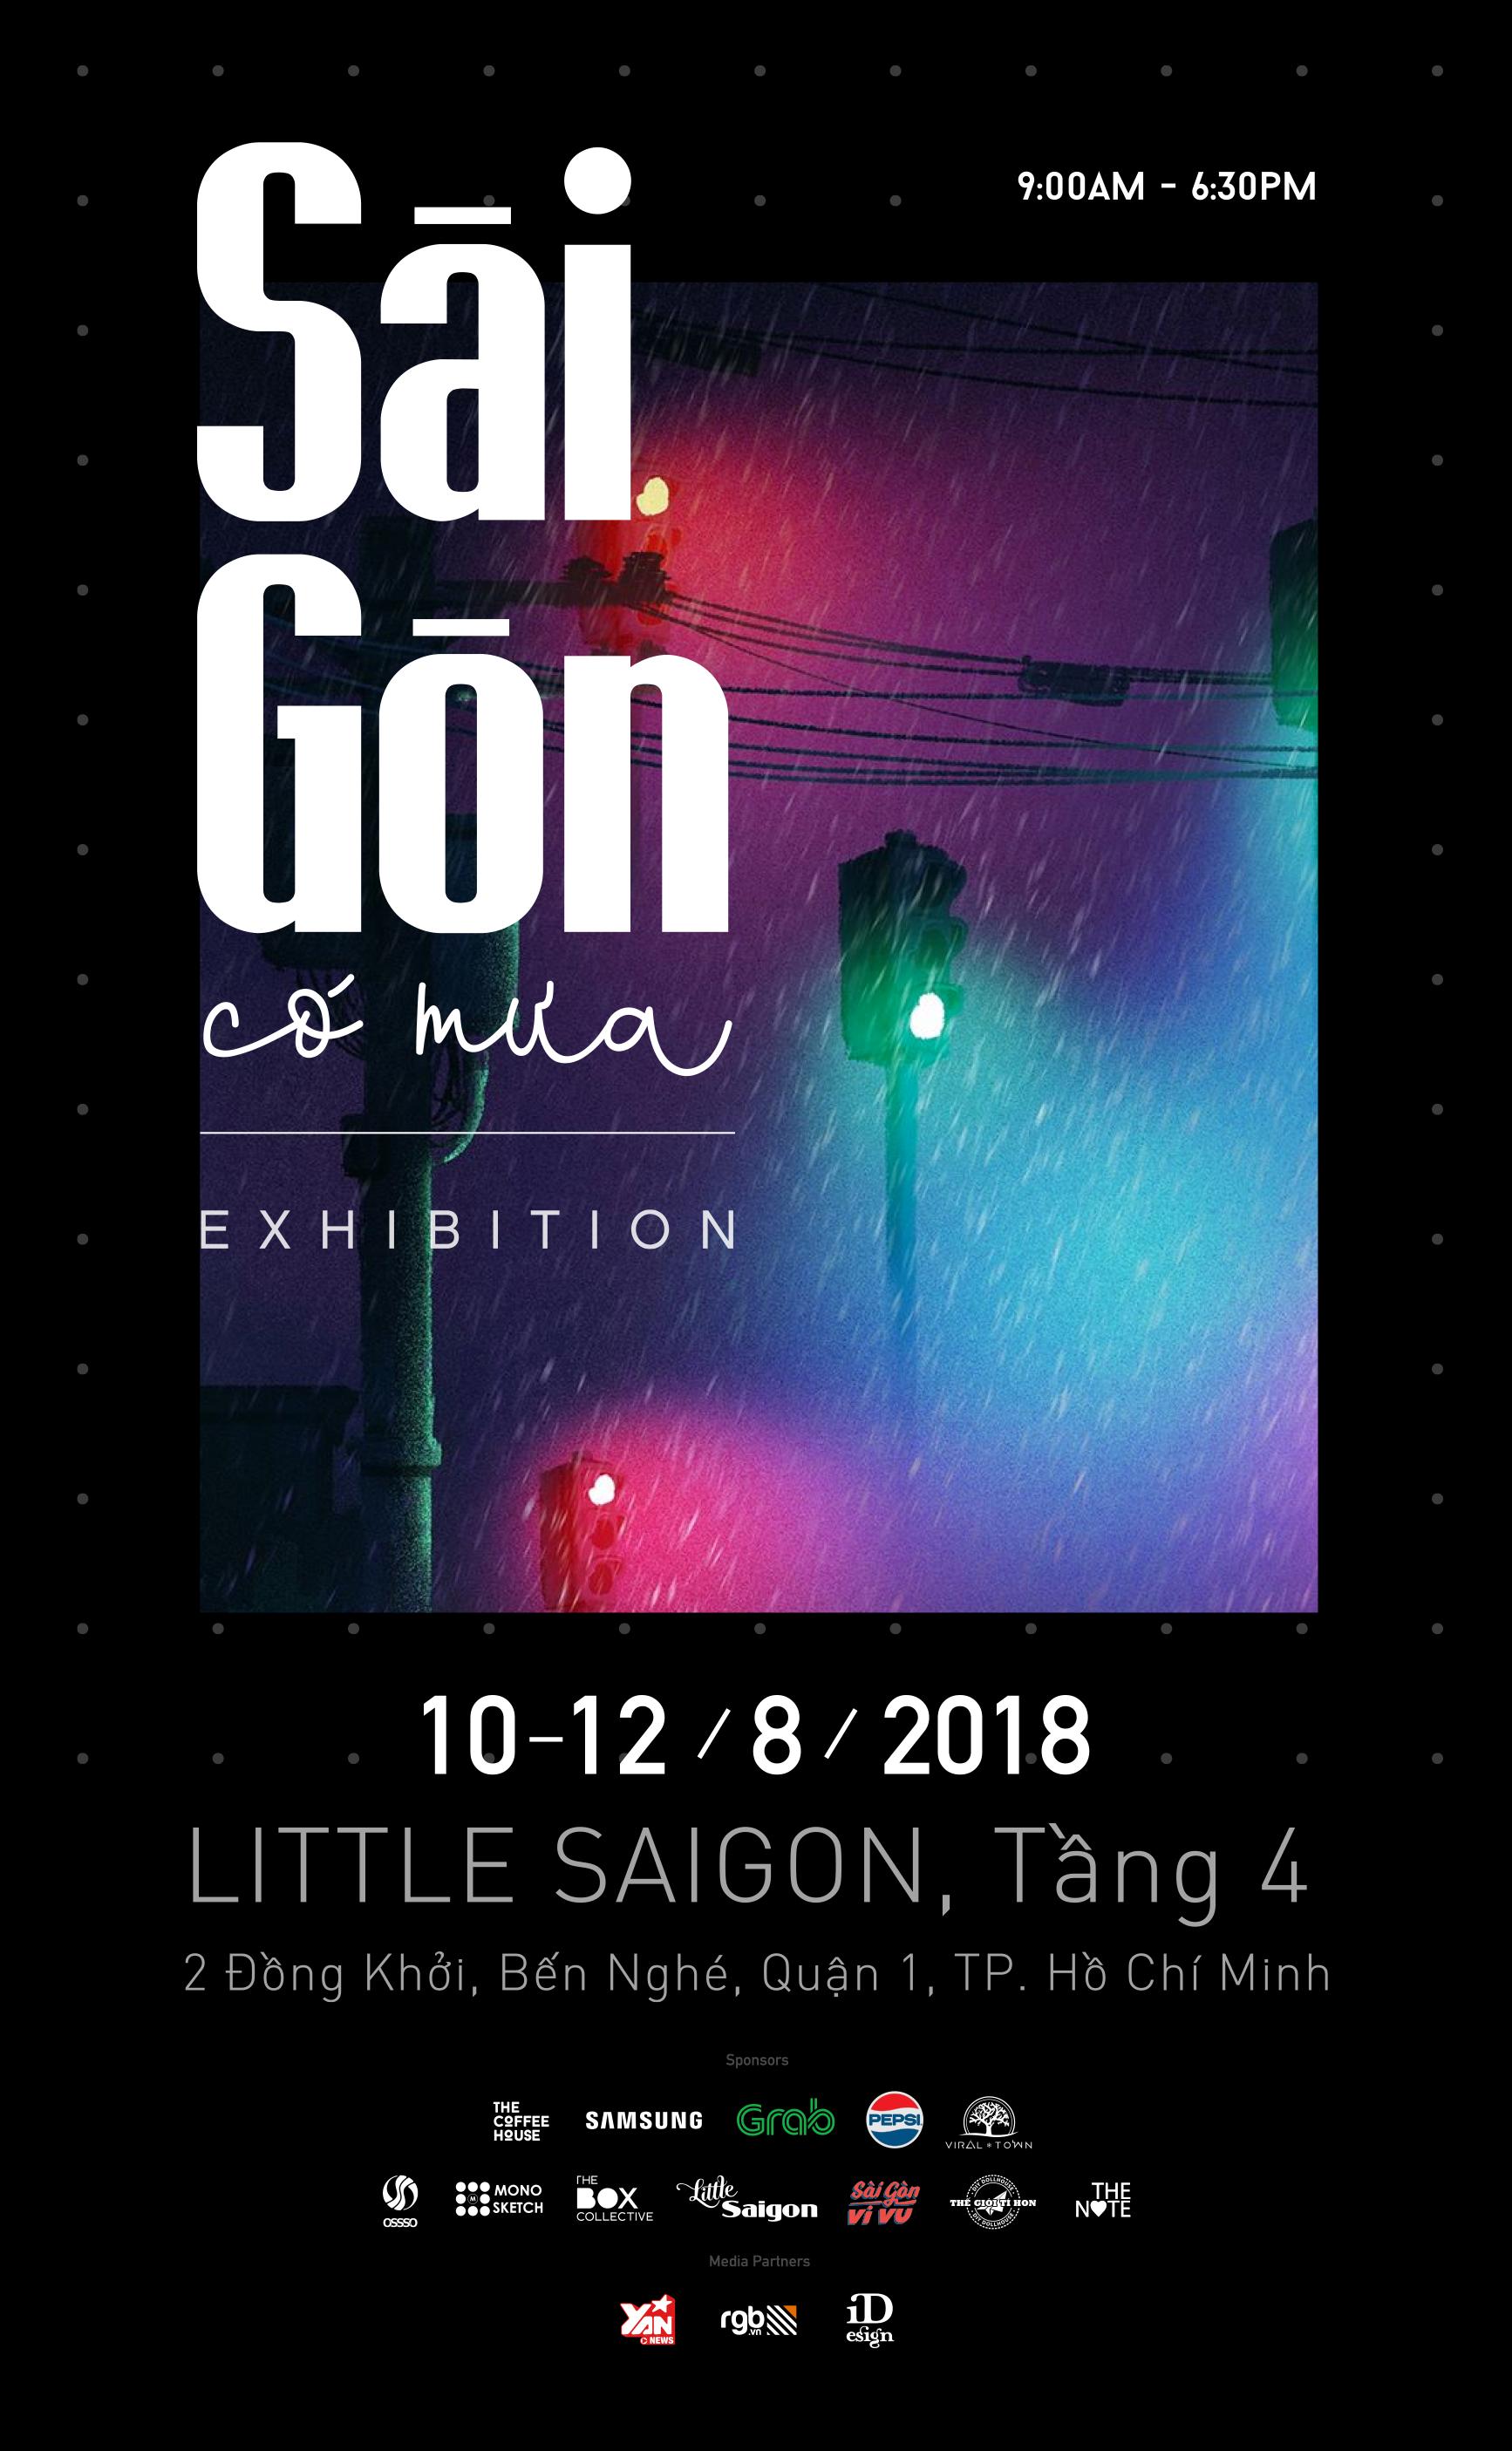 rgb_creative_ideas_design_trien_lam_sai_gon_co_mua_exhibition